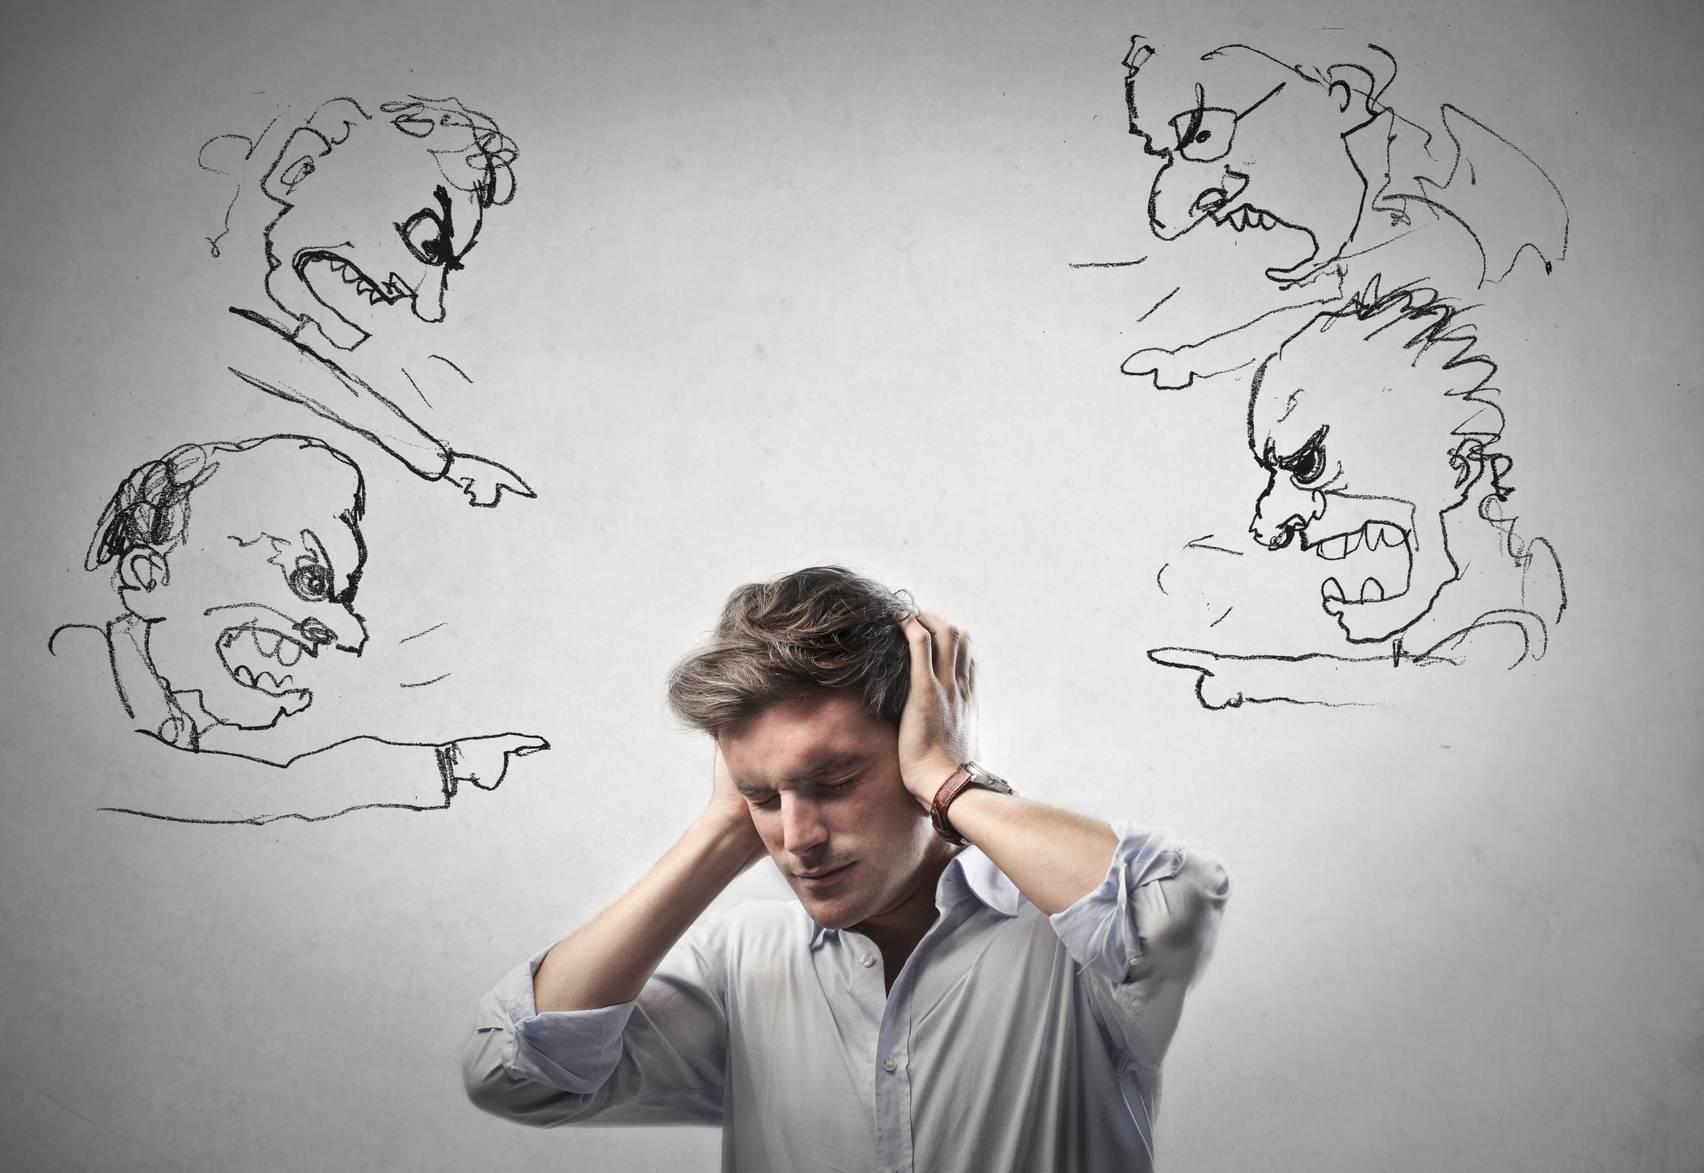 Психология: диалог - бесплатные статьи по психологии в доме солнца